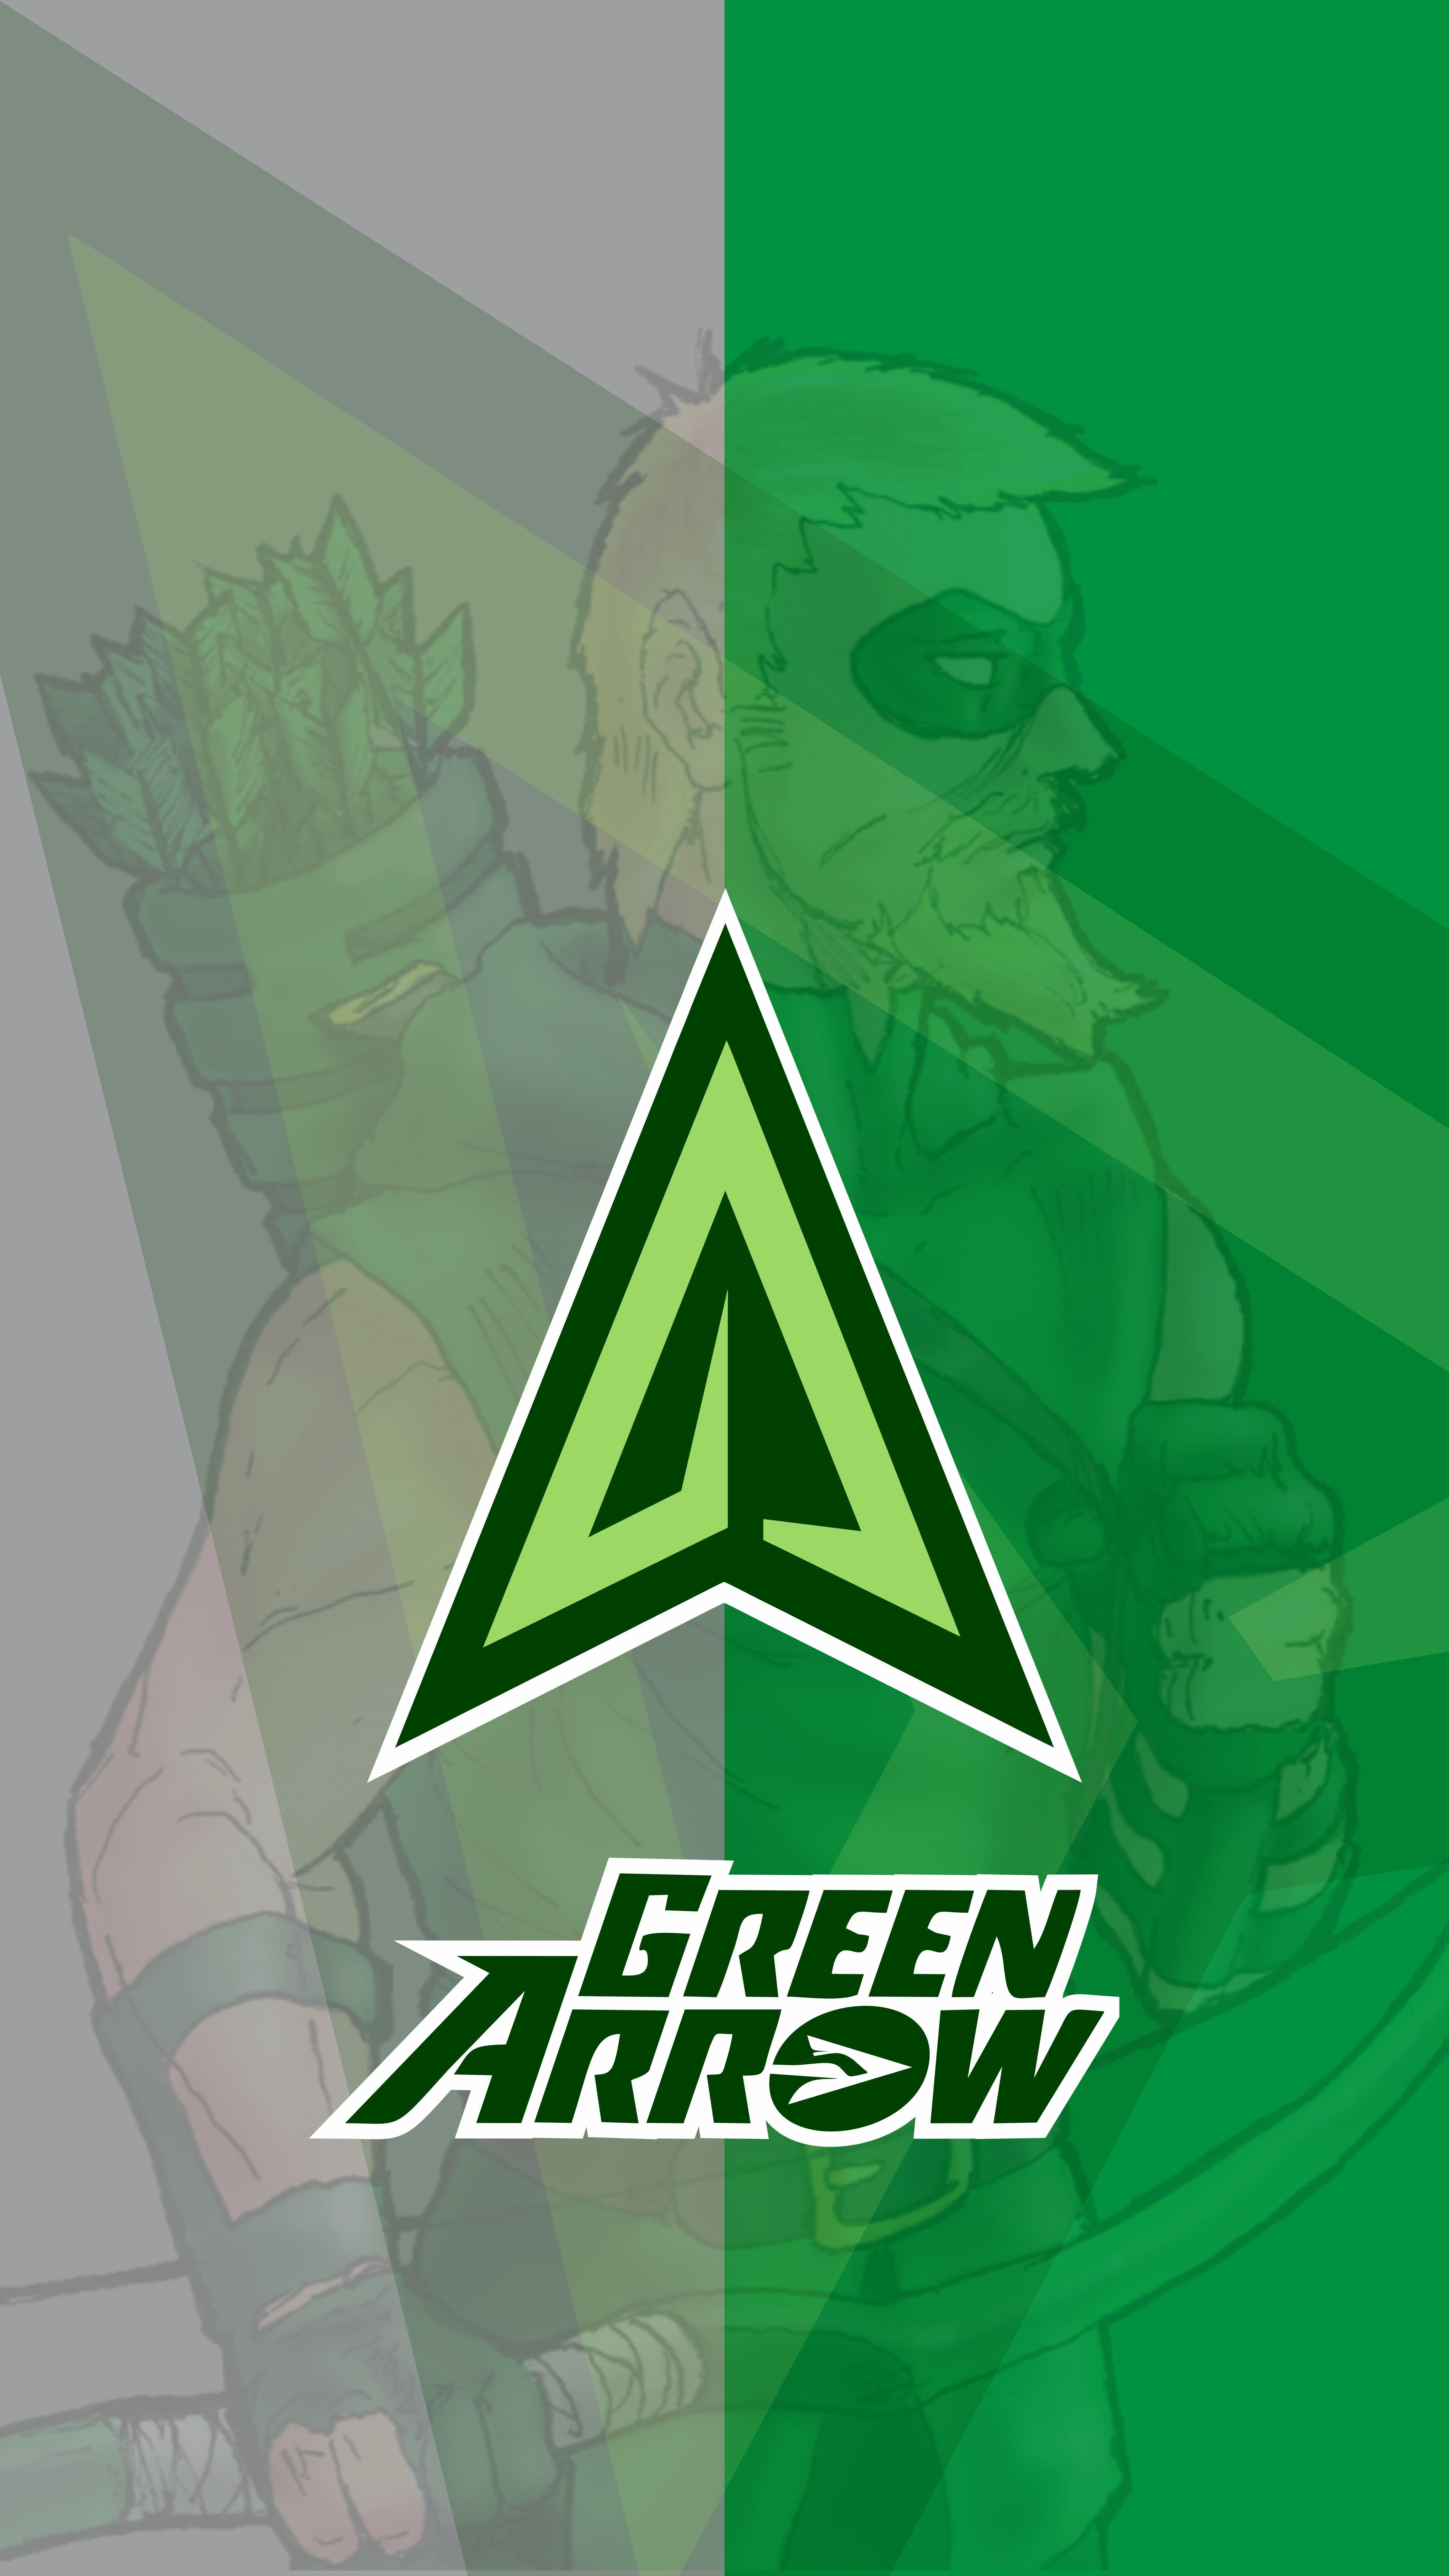 Android/iPhone HD Wallpaper: GREEN ARROW #DC #DCEU #DCComics #GreenArrow #OliverQueen